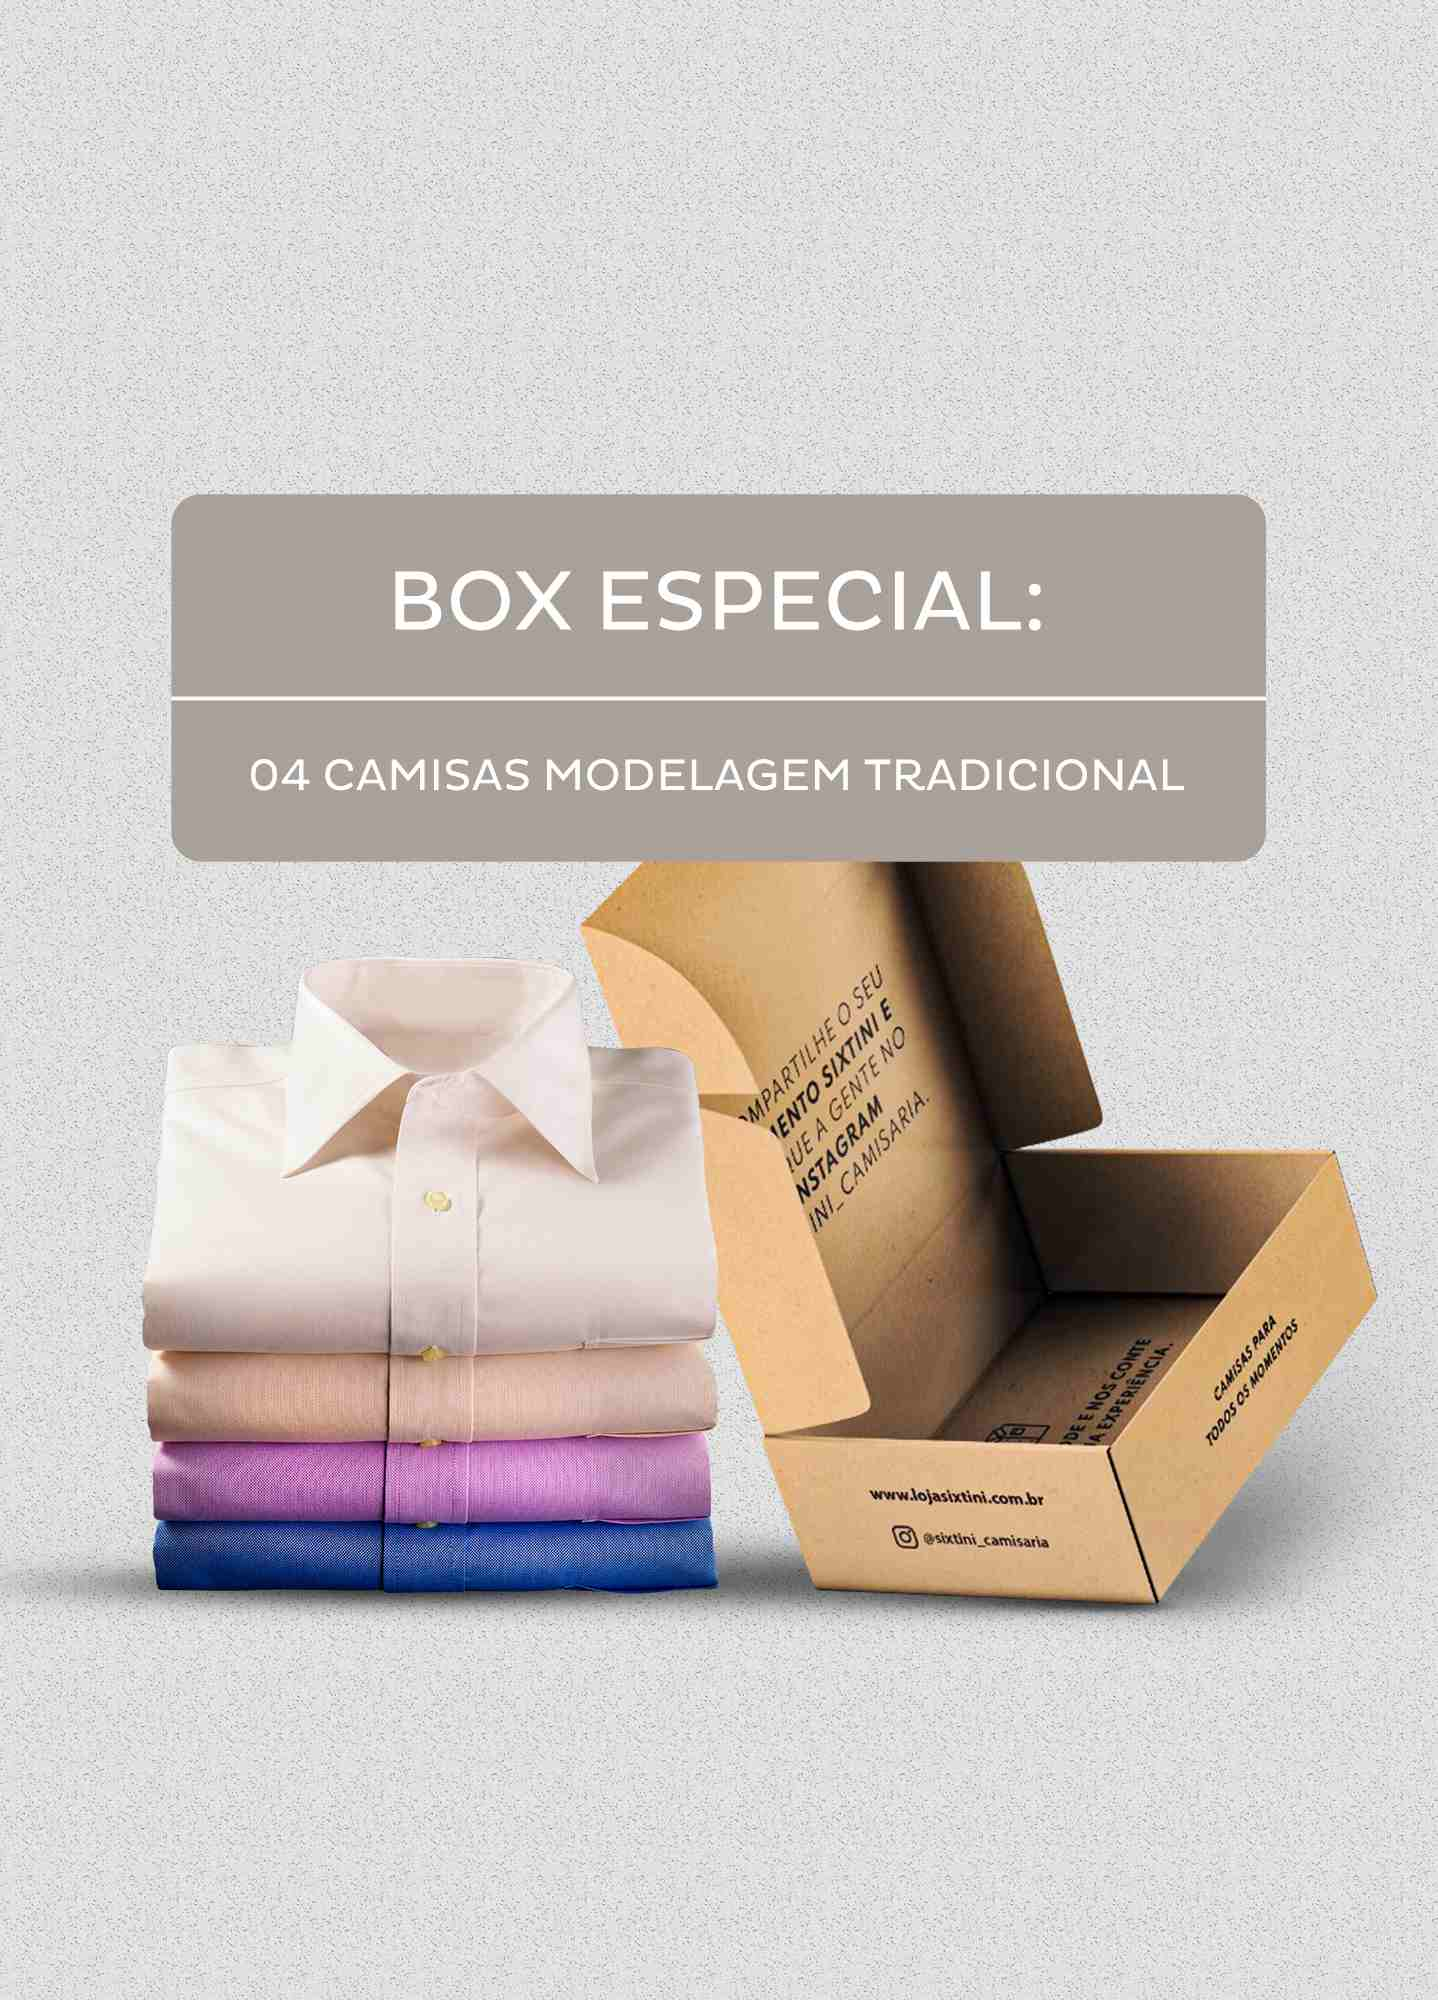 Box Especial - 04 Camisas Tradicionais